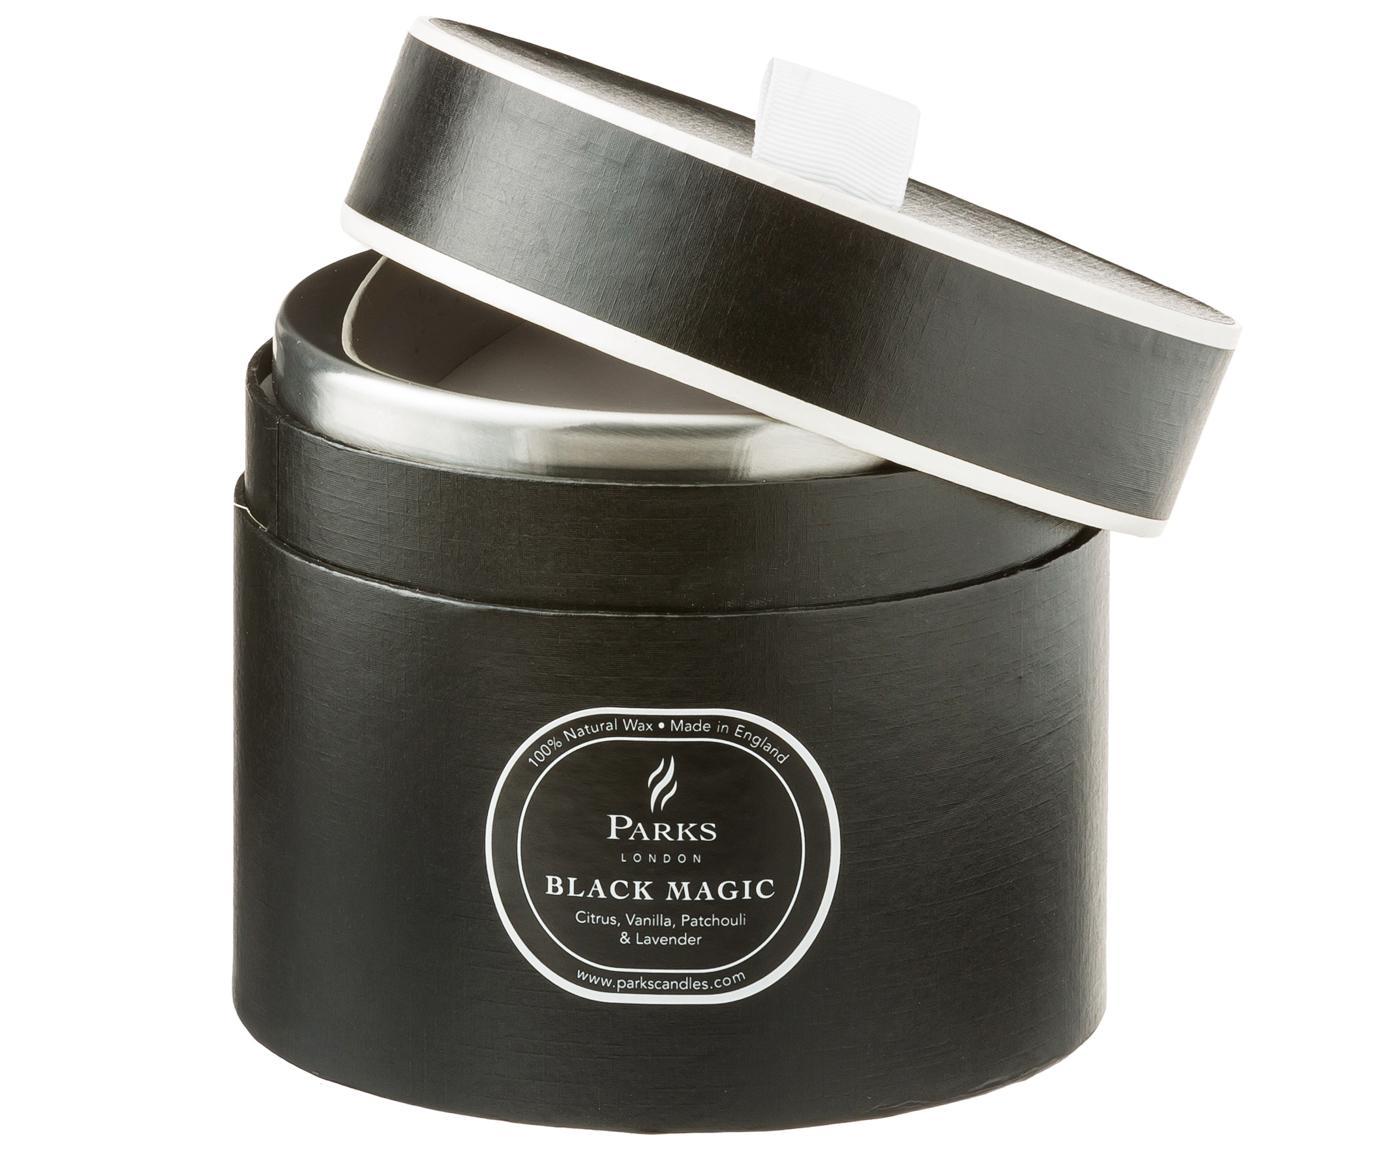 Bougie parfumée à trois mèches Black Magic (agrumes et vanille), Noir, blanc